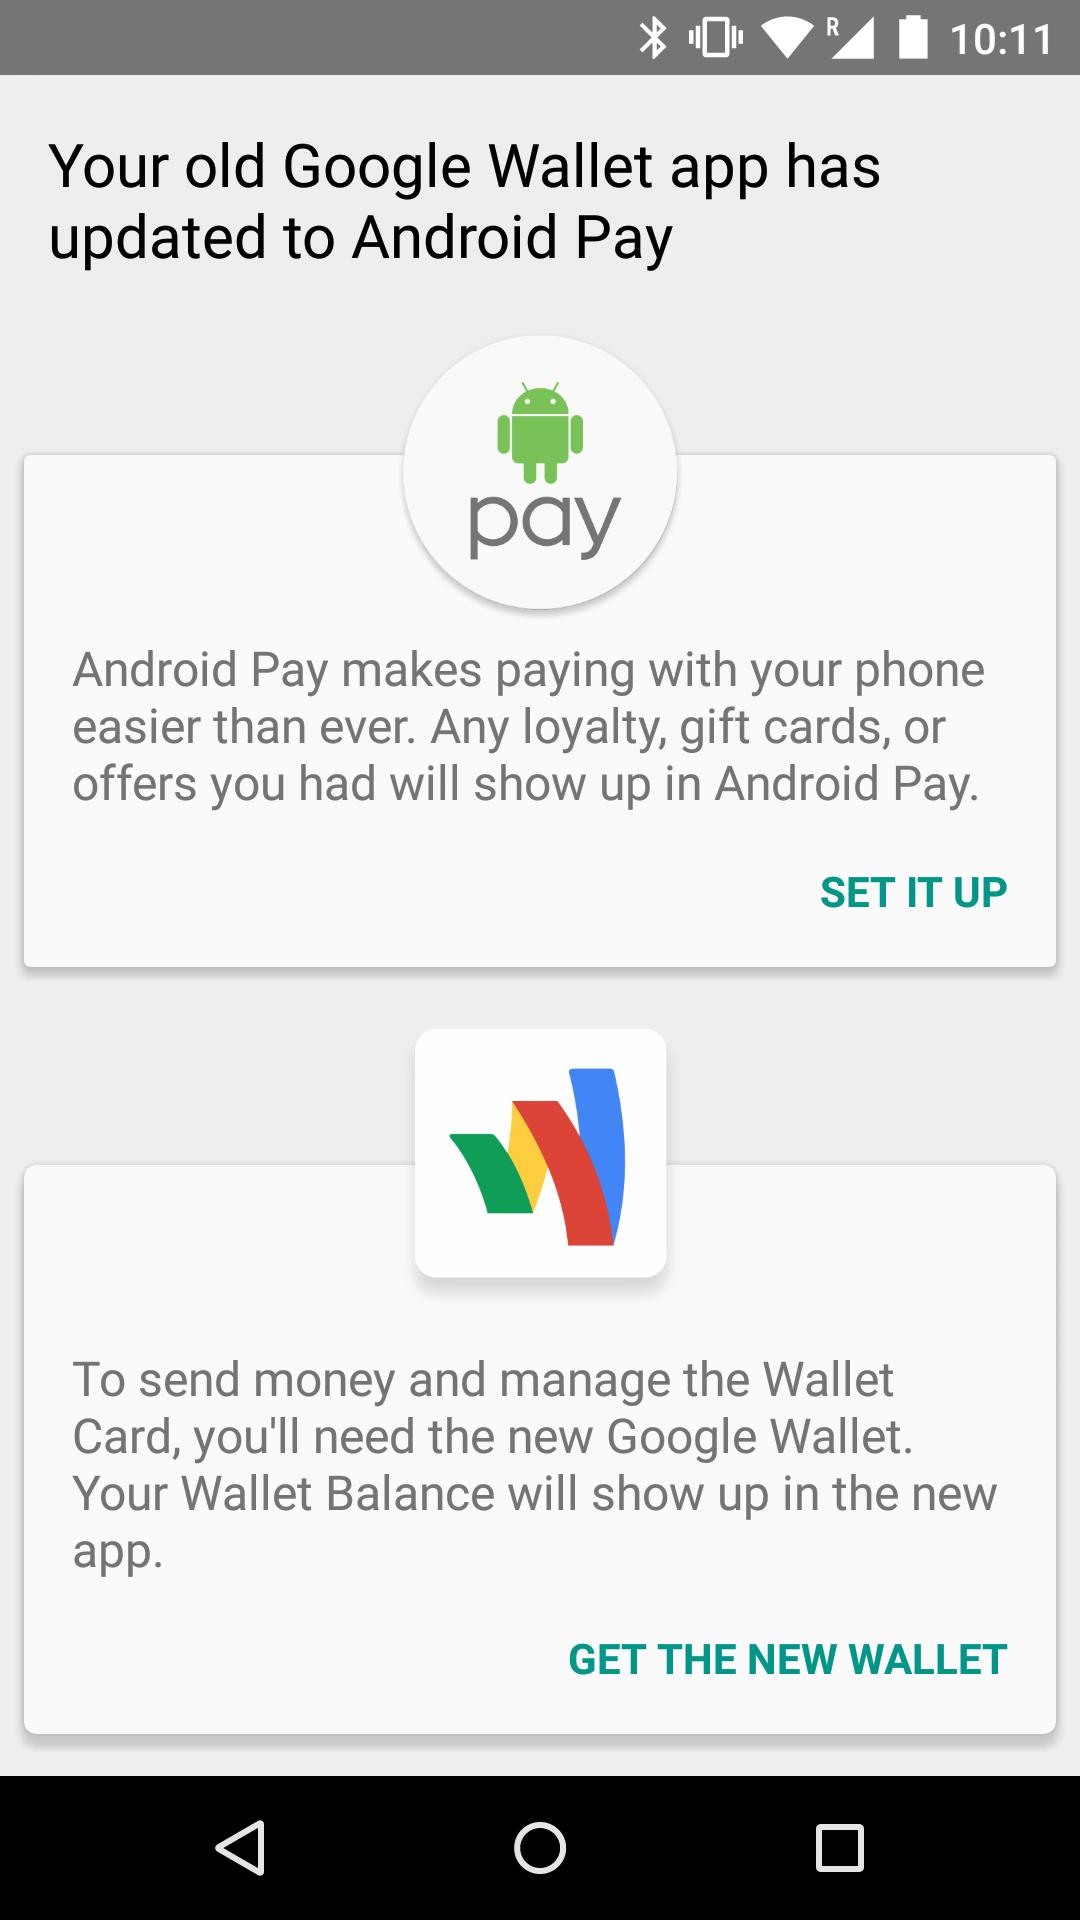 以前にGoogle Walletアプリをインストールしていると、9月10日以降はAndroid Payアプリへのアップグレードを促してくる